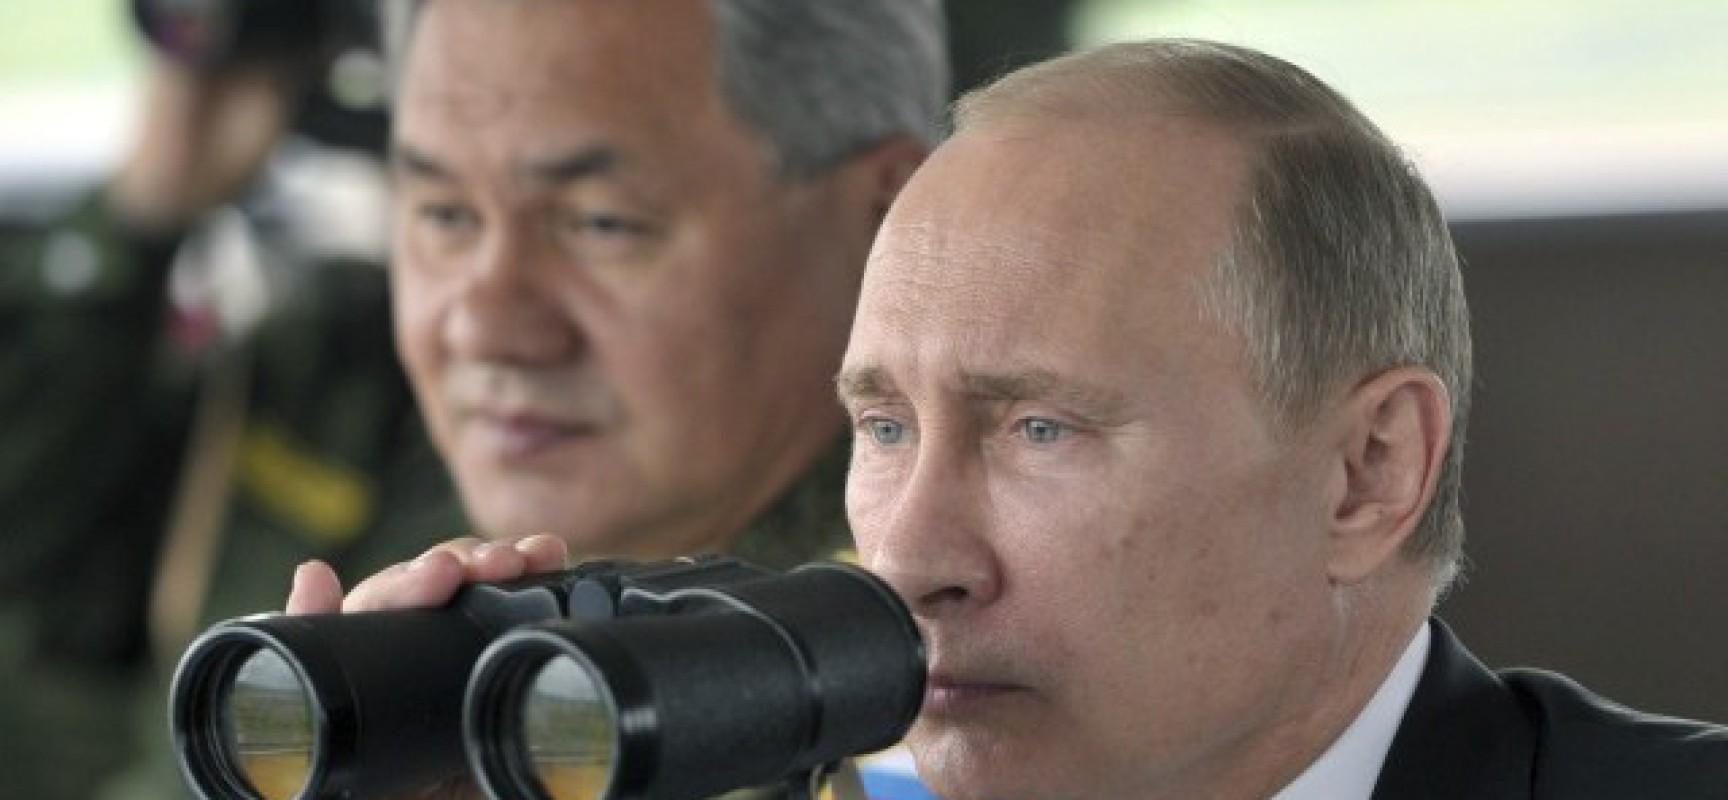 Syrie : Vladimir Poutine expédie un sous-marin nucléaire géant pour avertir Washington